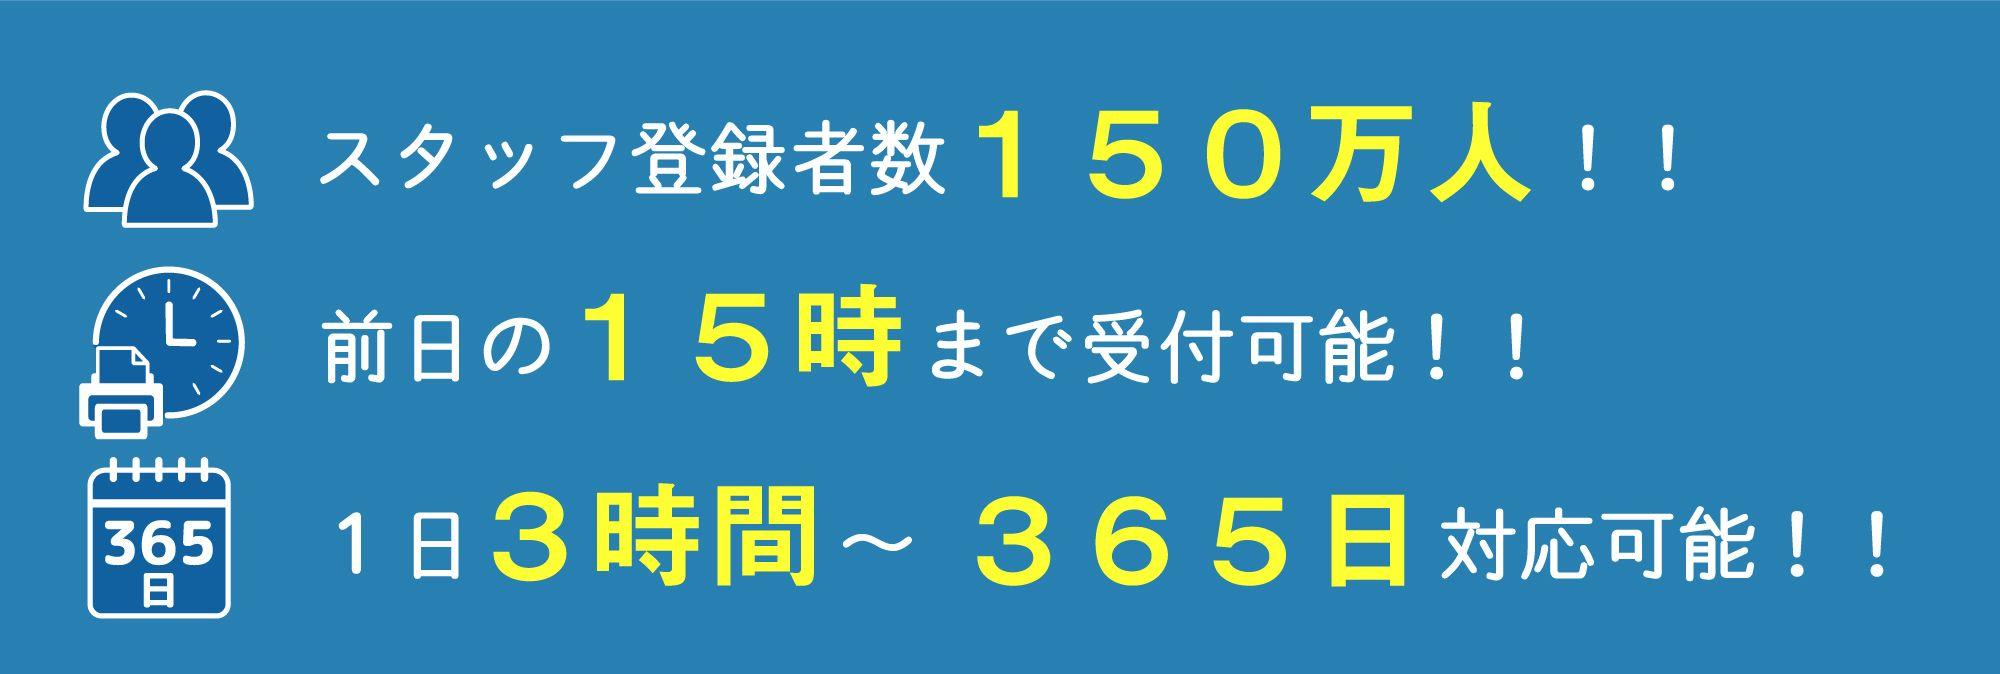 スタッフ登録者数150万人!! 前日の15時まで受付可能!! 1日3時間~365日対応可能!!